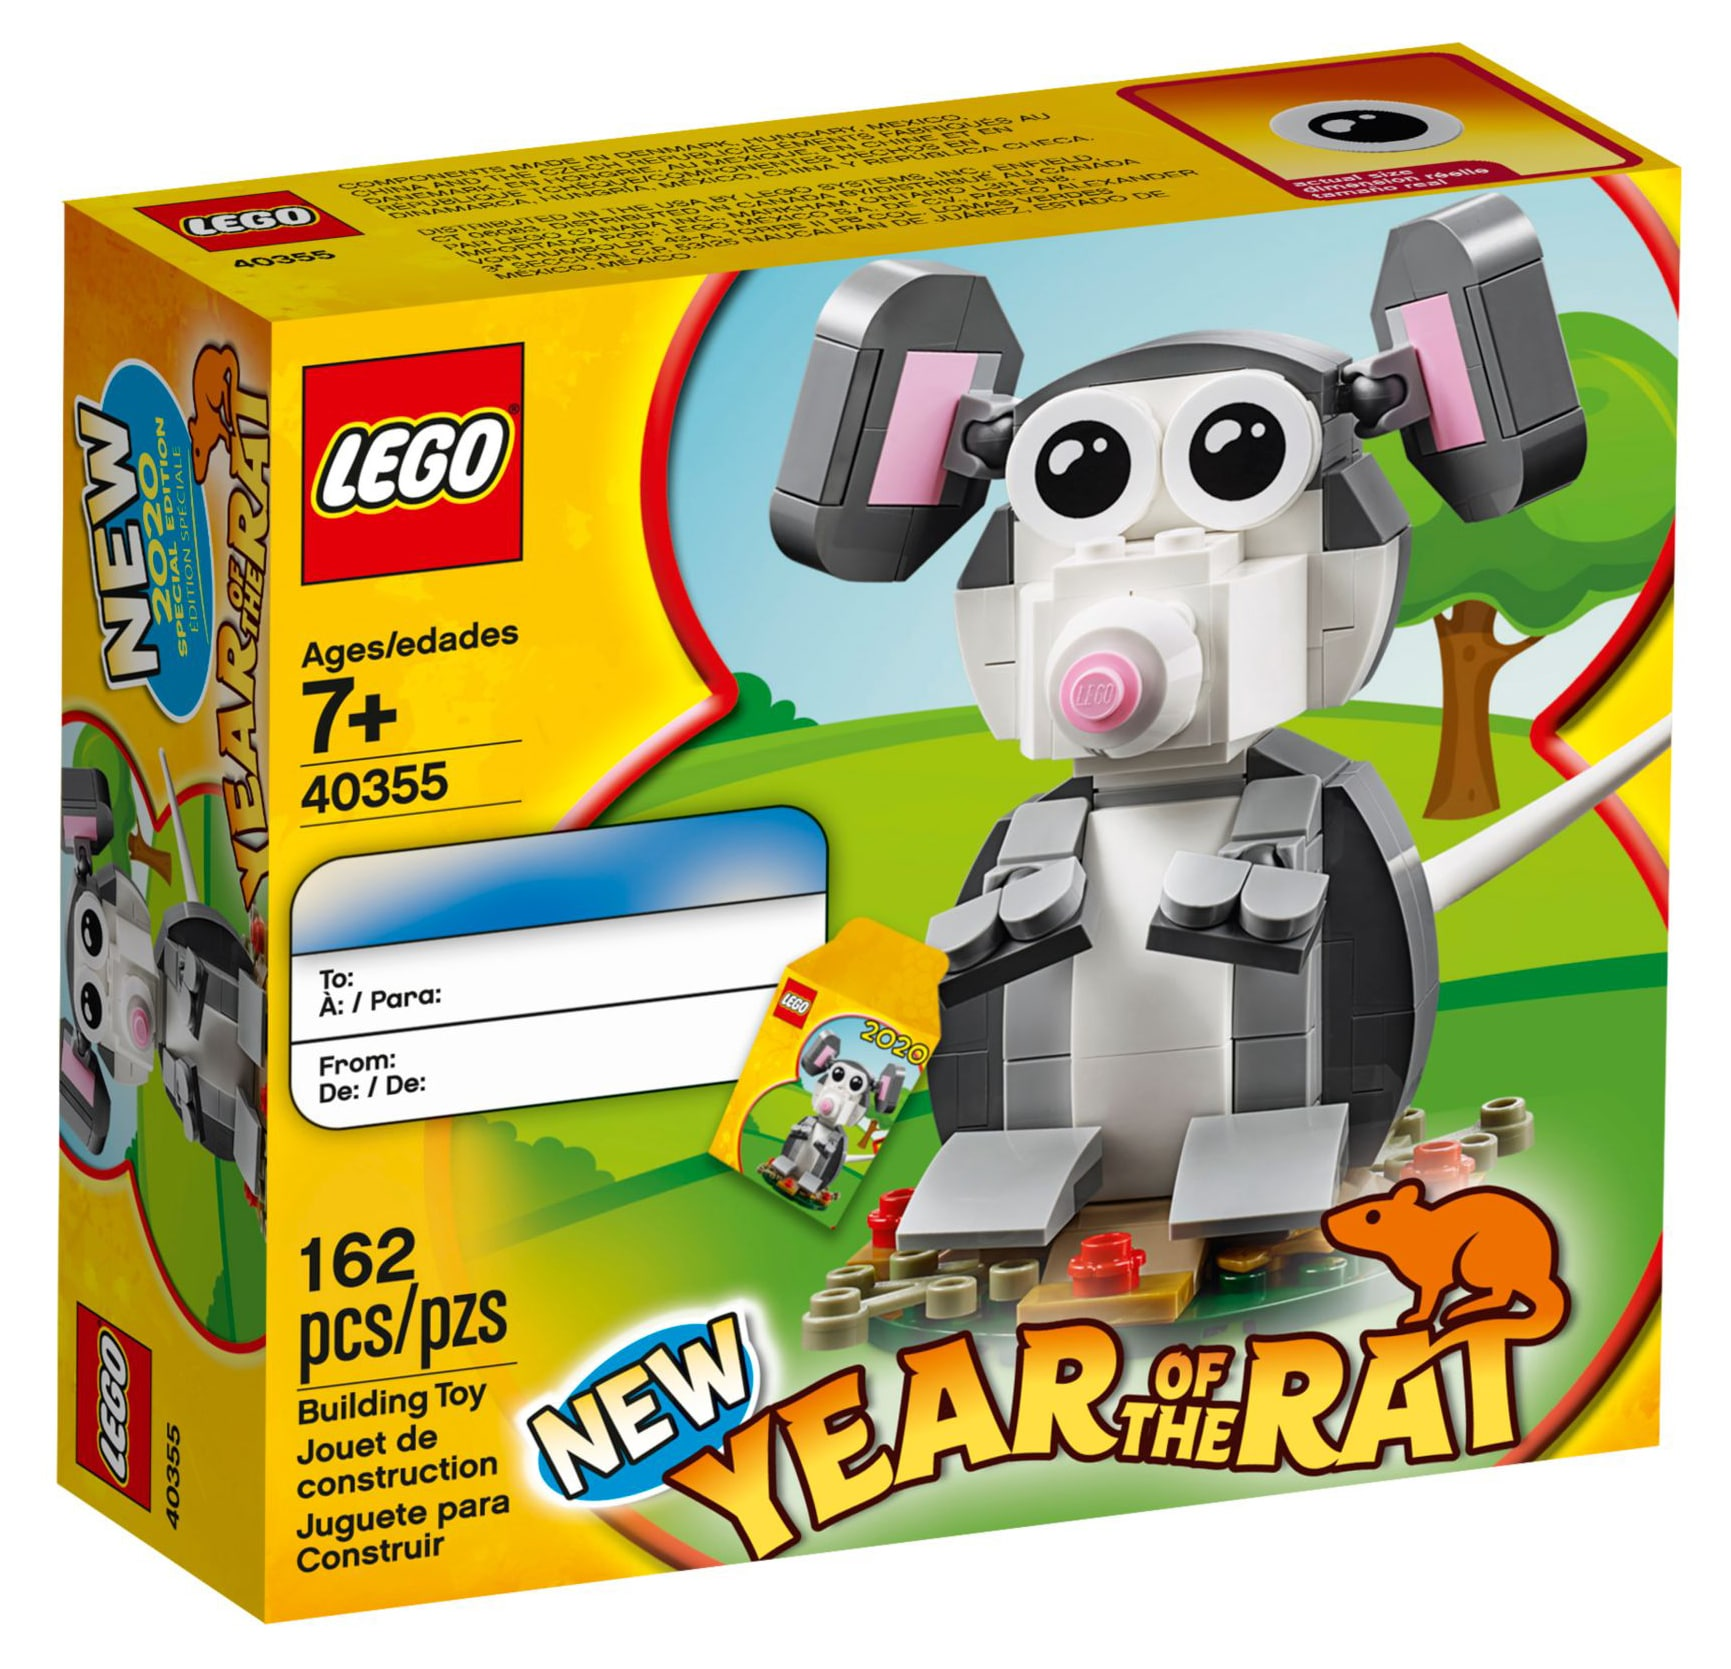 LEGO 40355 Jahr der Ratte Box